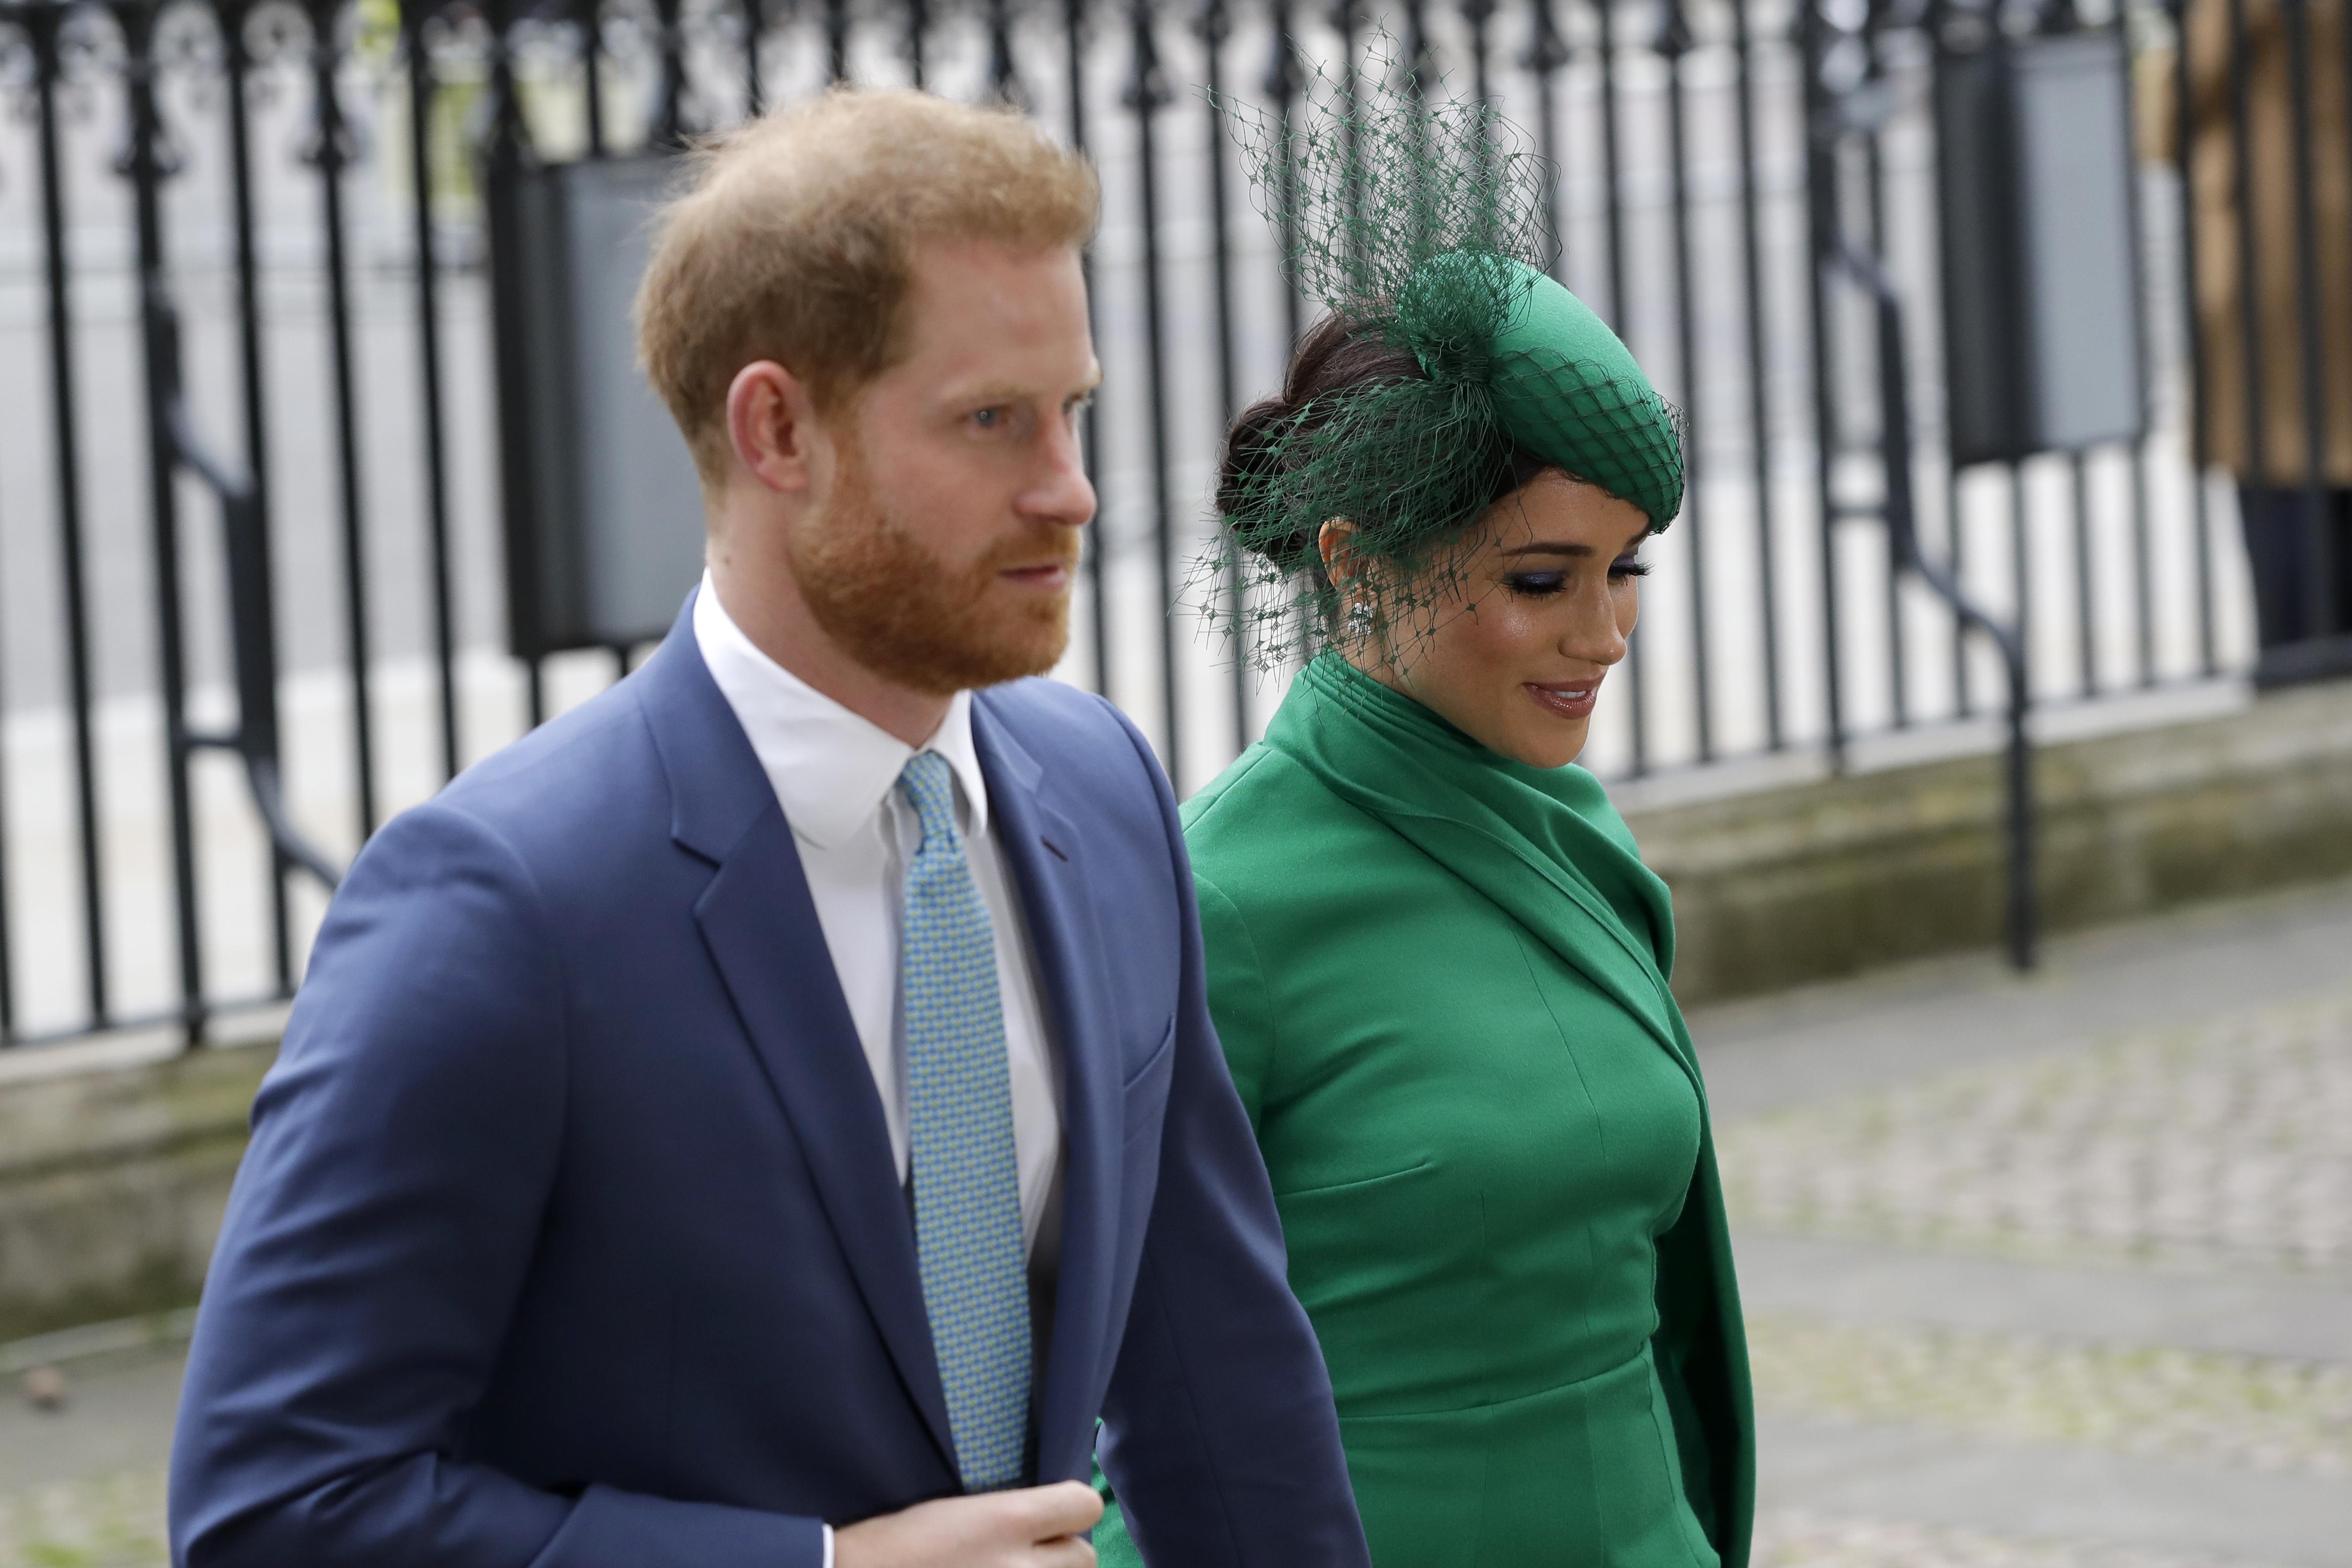 Al evento asistieron los demás miembros de la realeza, incluyendo la reina Elizabeth II. (Phil Harris / Pool via AP)